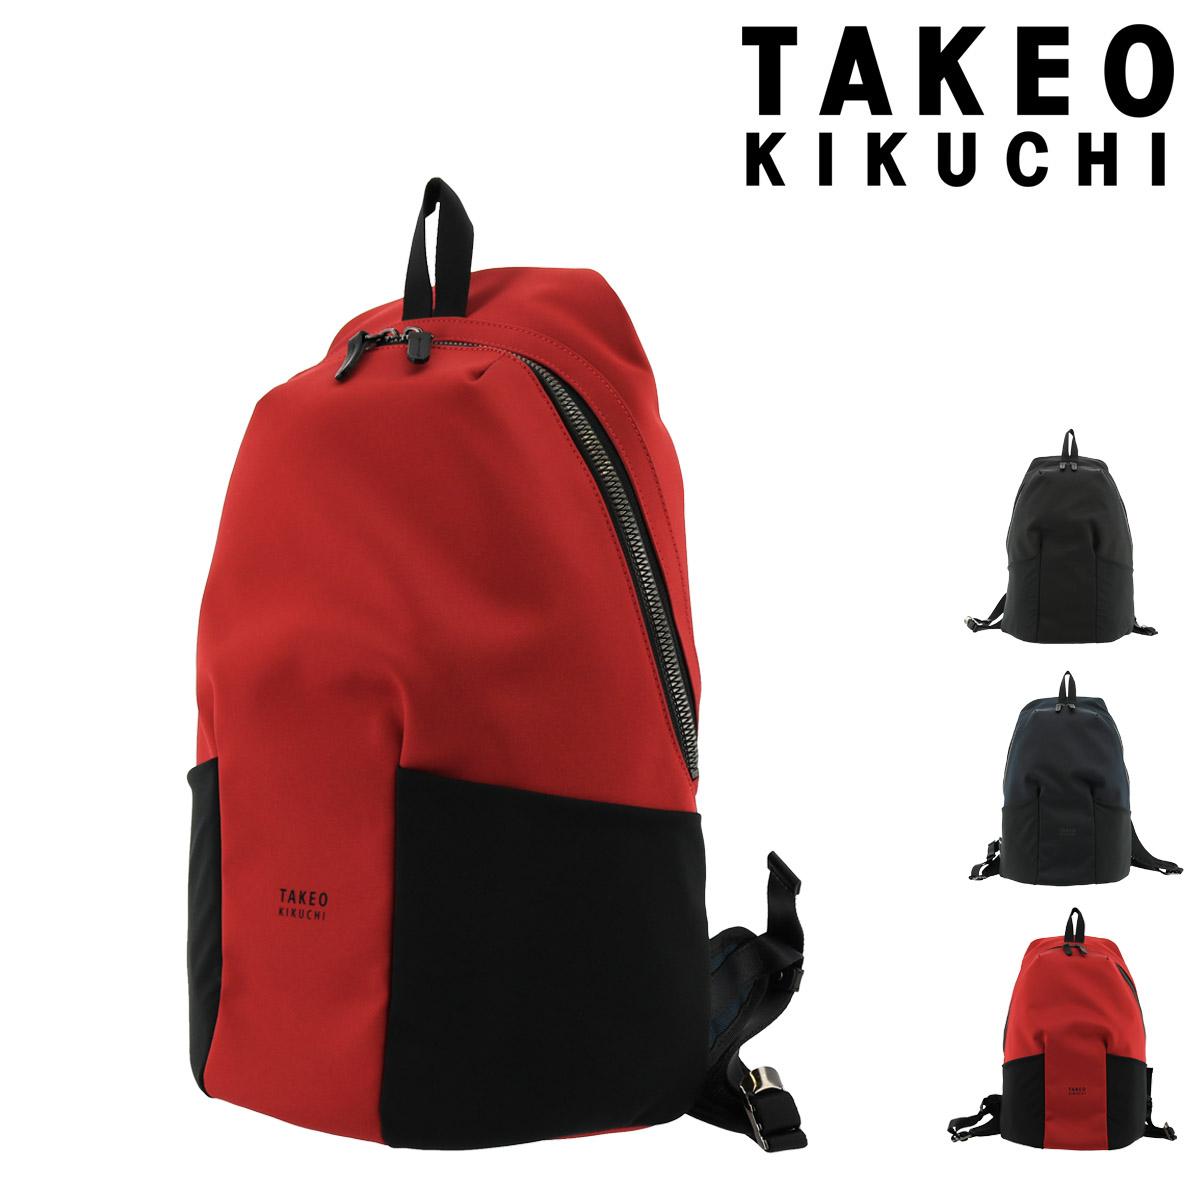 タケオキクチ リュック テムズ メンズ775701日本製 TAKEO KIKUCHI   リュックサック バックパック A4 撥水 軽量 [PO5][bef]